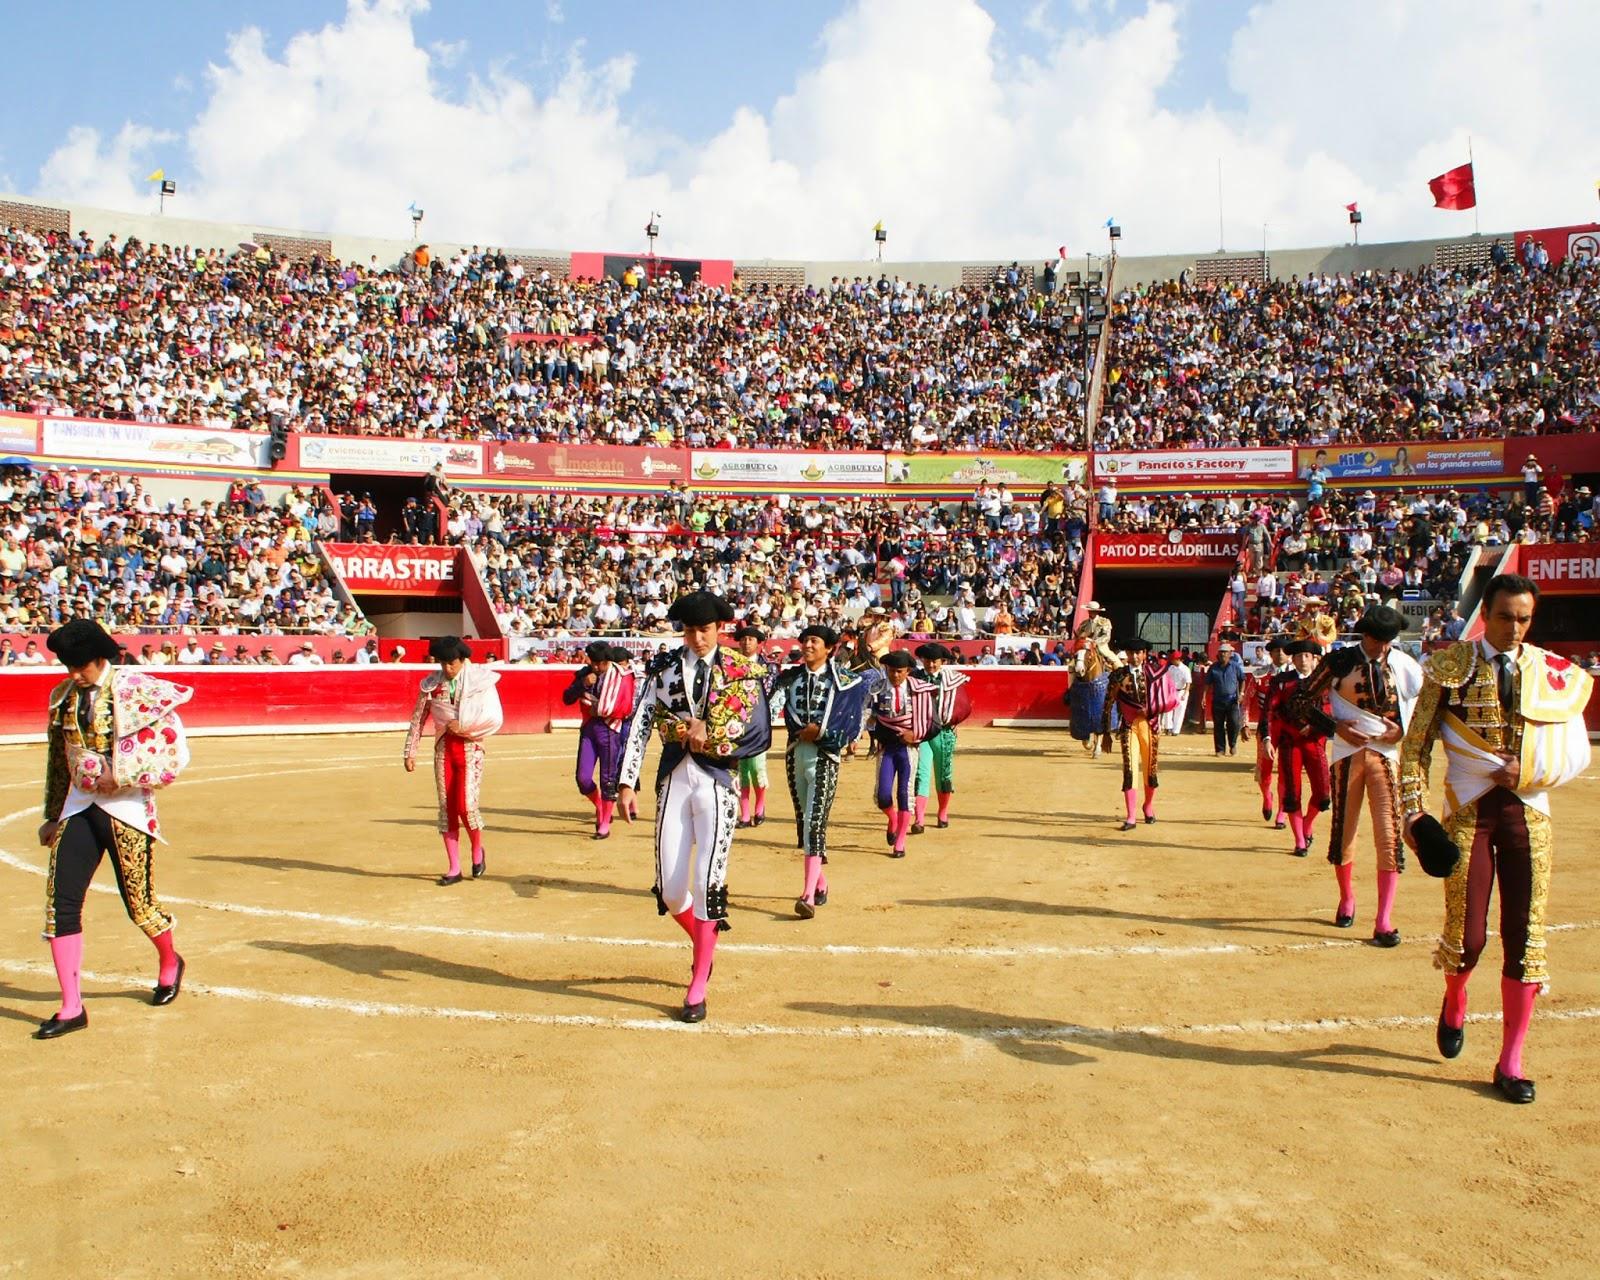 Resultado de imagen para plaza de toros DE mERIDA nOTIFERIAS